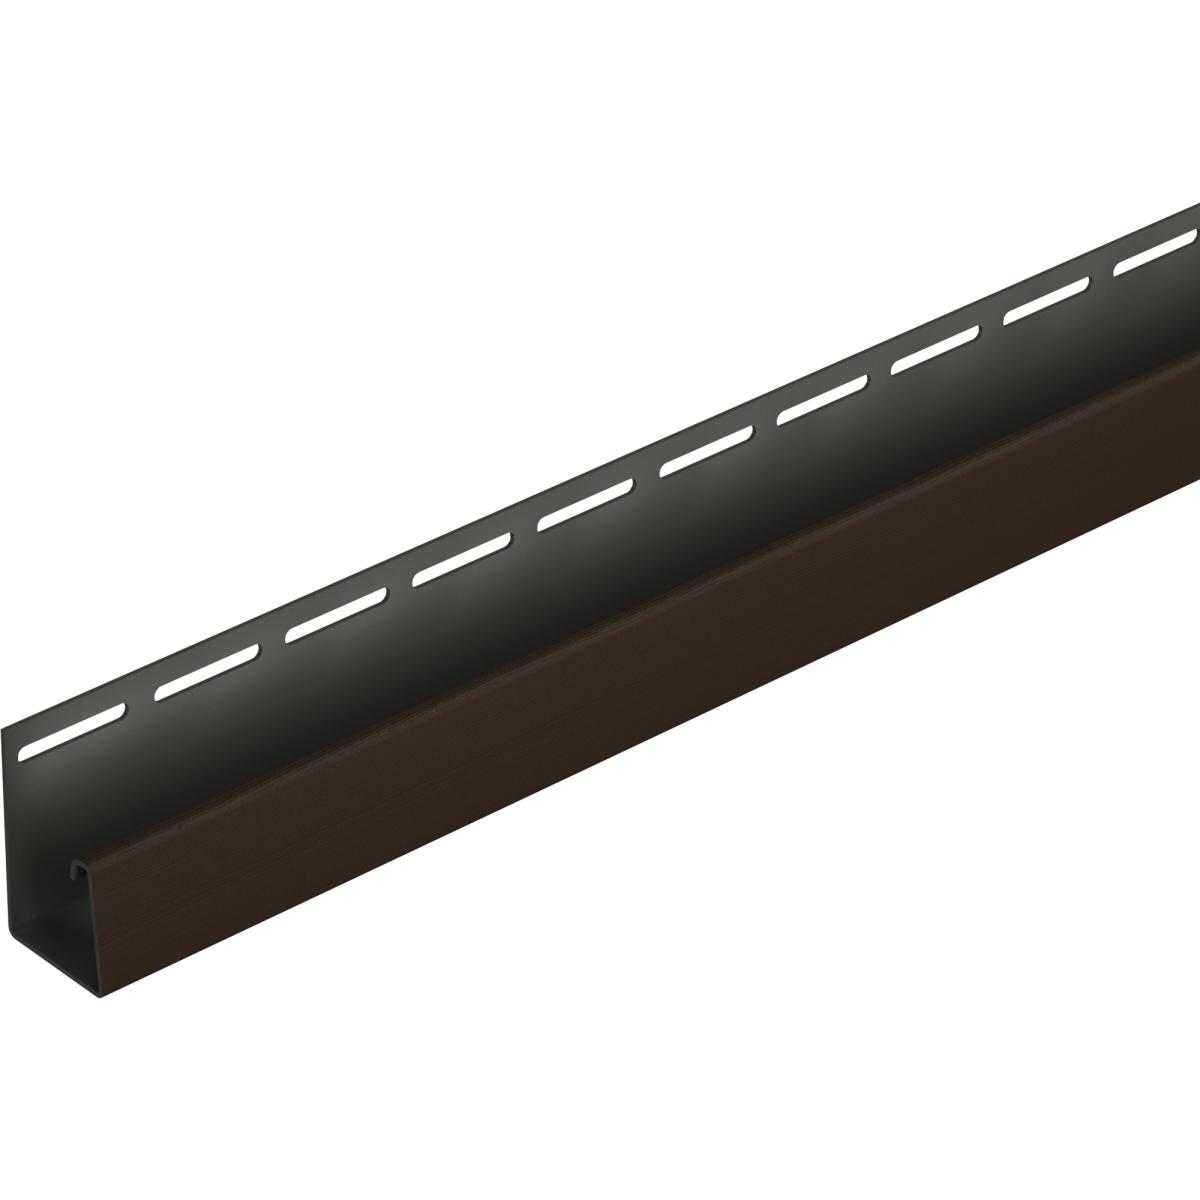 J-профиль для фасадных панелей Dacha 3 м цвет тёмно-коричневый